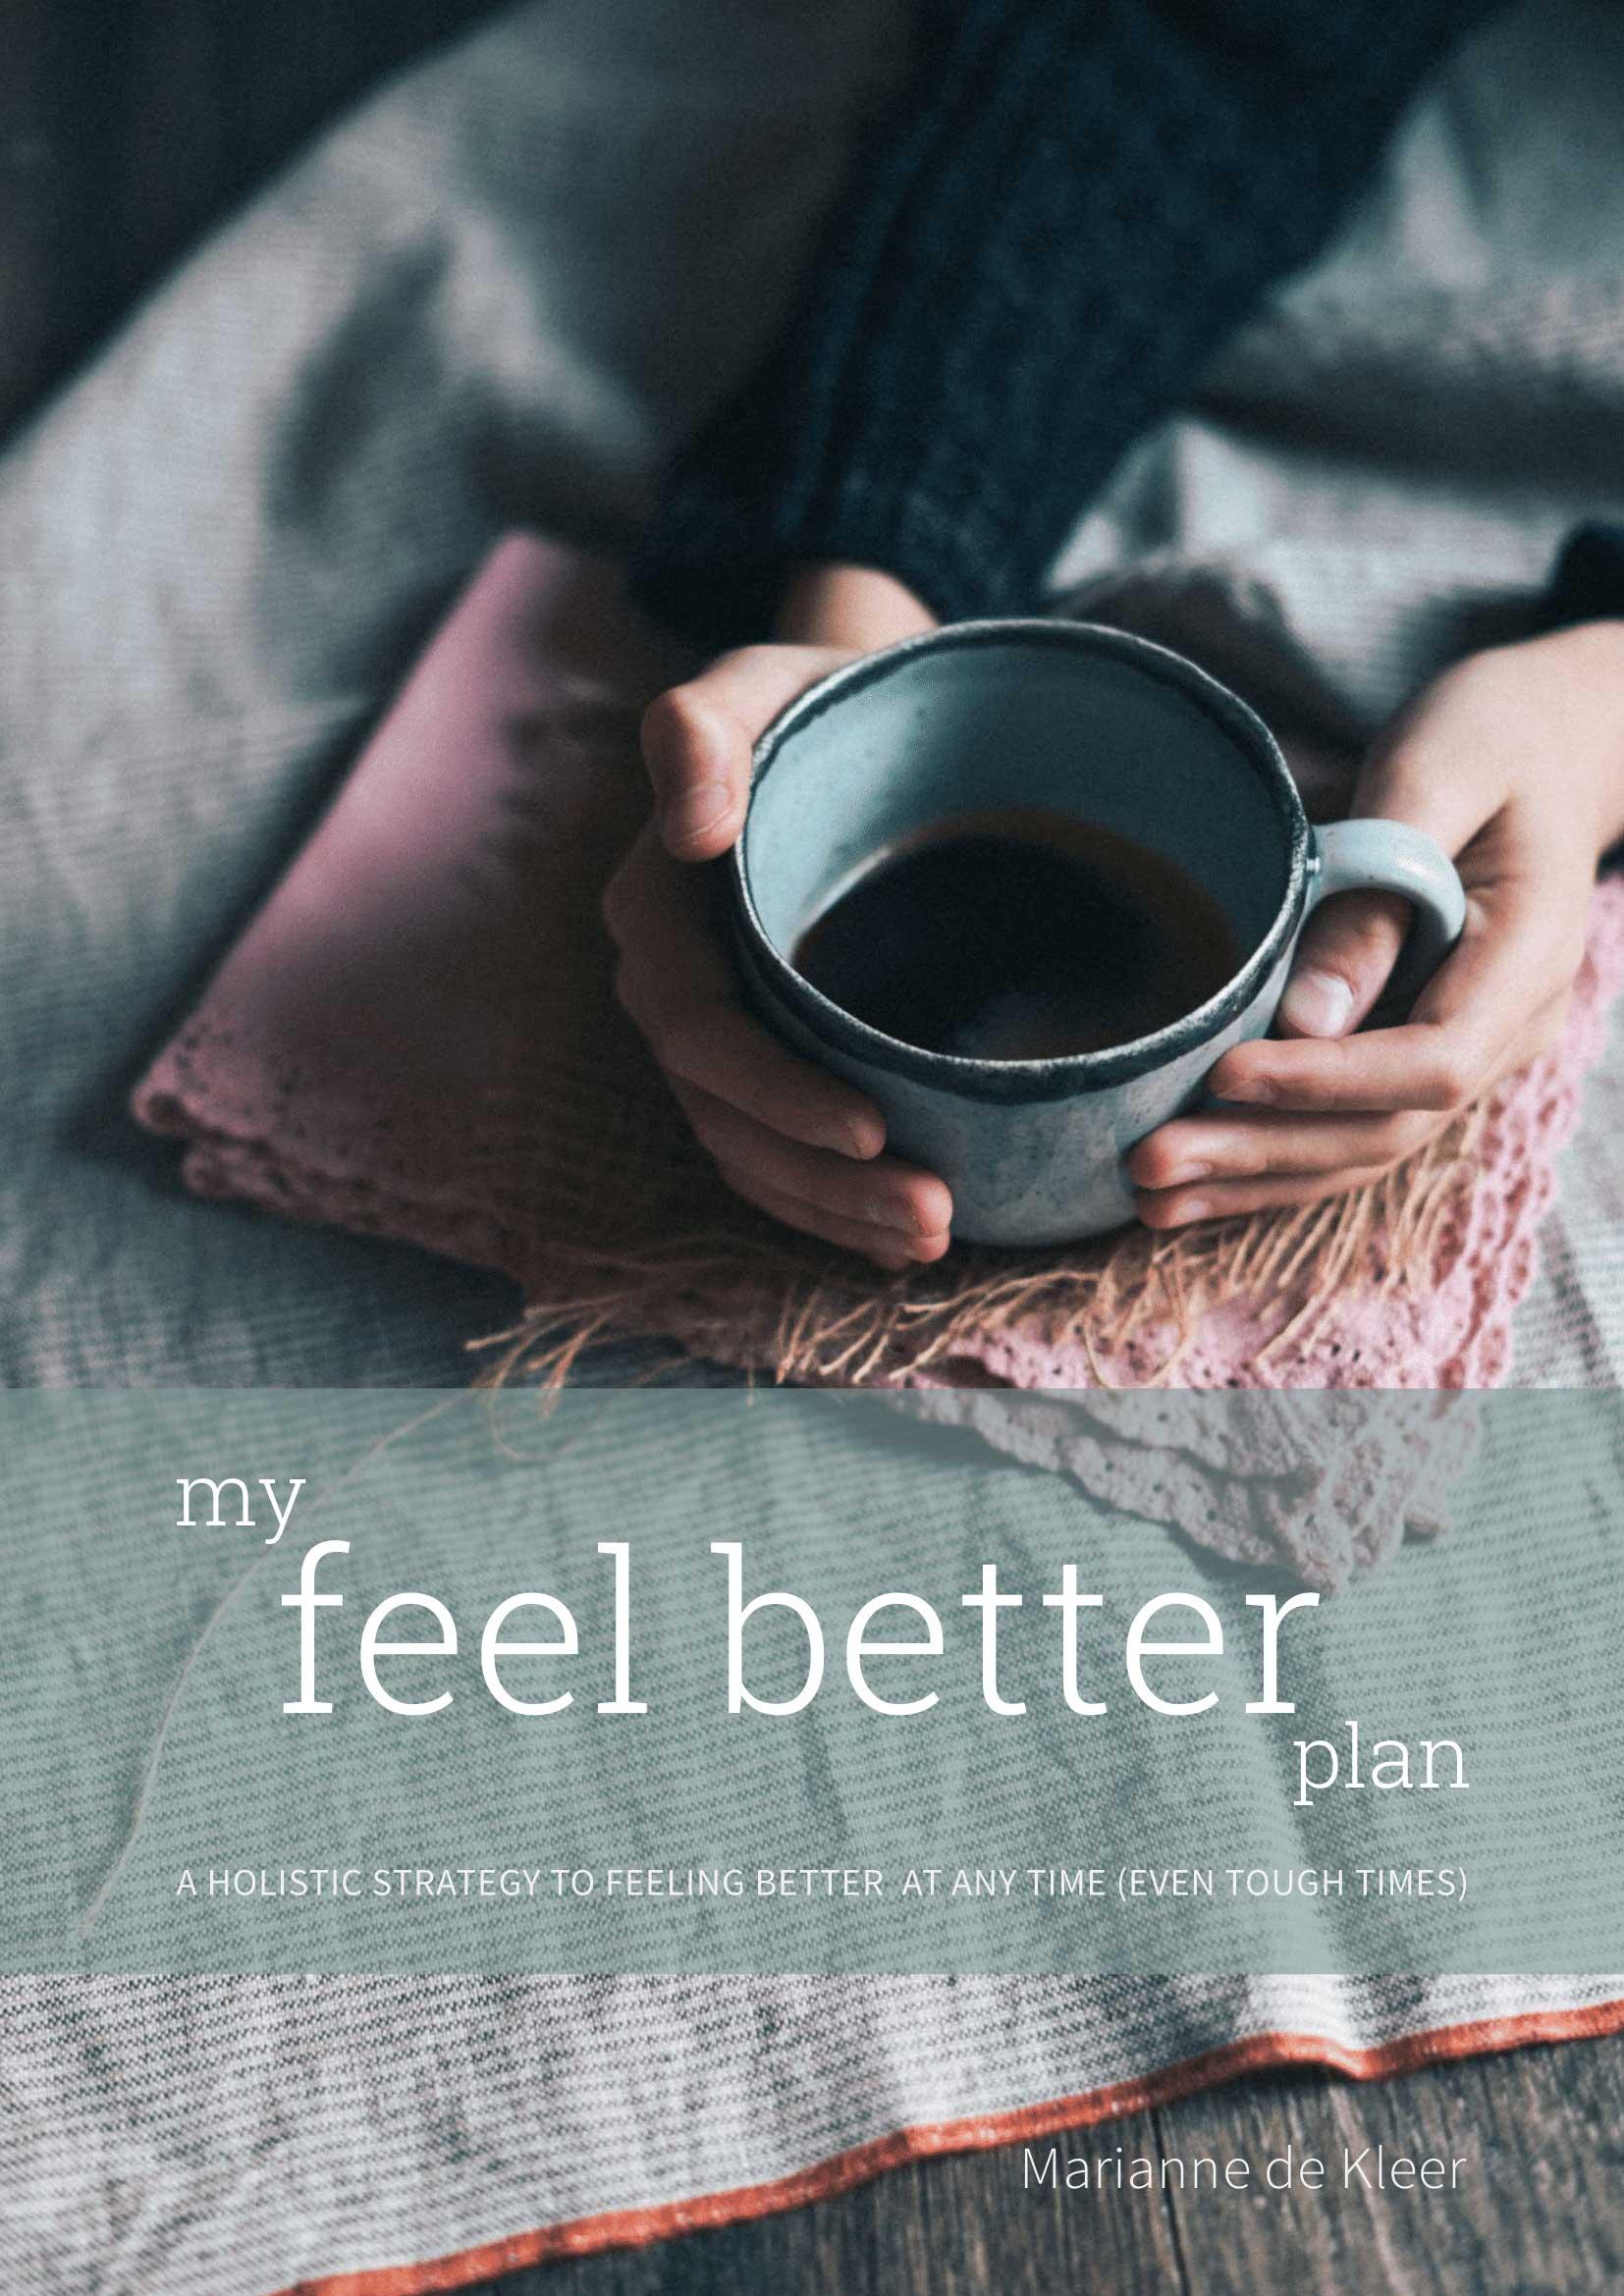 my feel better plan